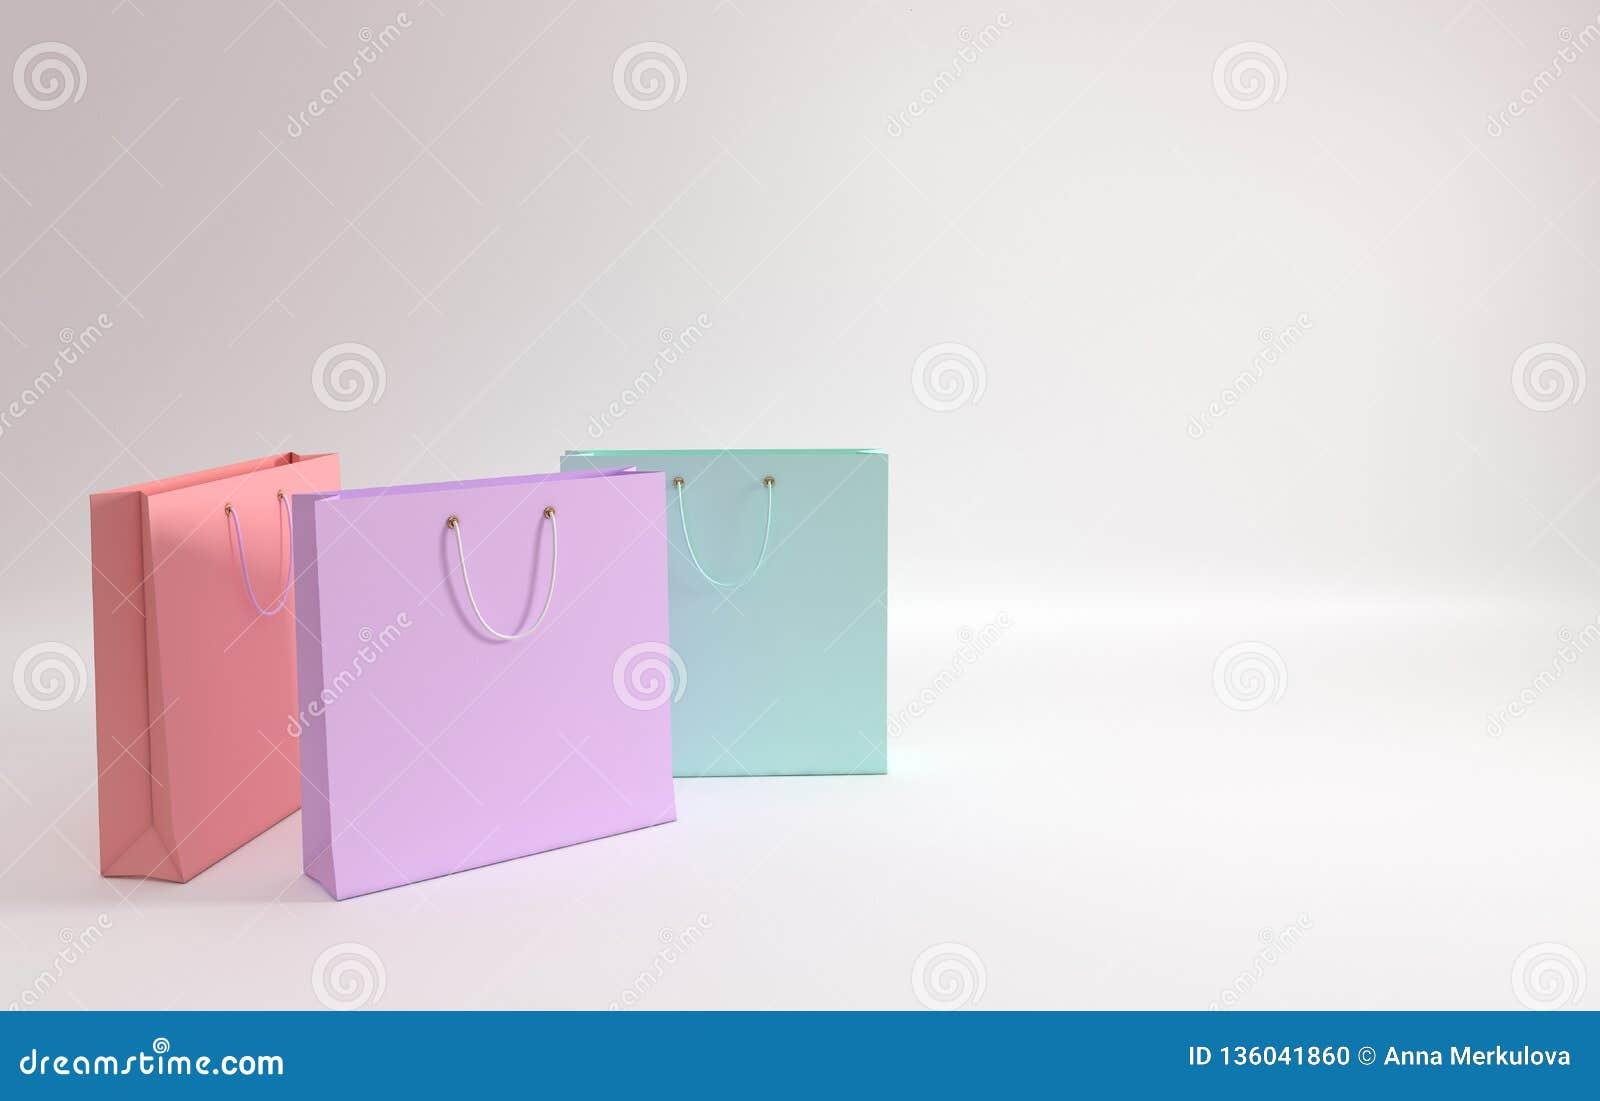 3d rinden la ilustración Sistema de bolsos que hacen compras de papel coloreados en colores pastel en el fondo blanco Concepto de